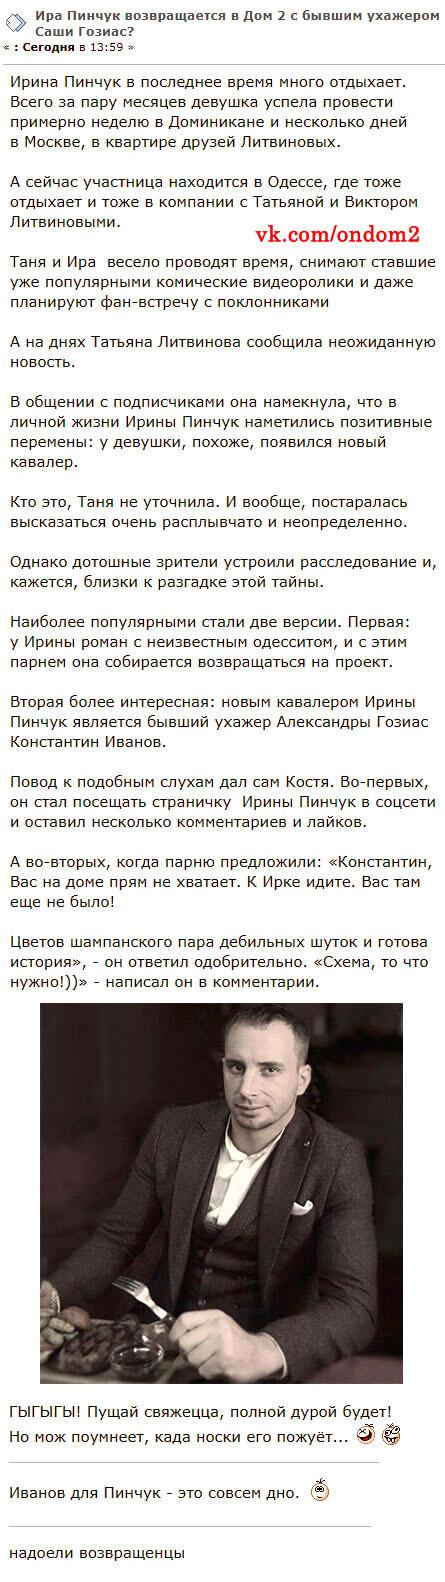 Новость про Ирину Пинчук